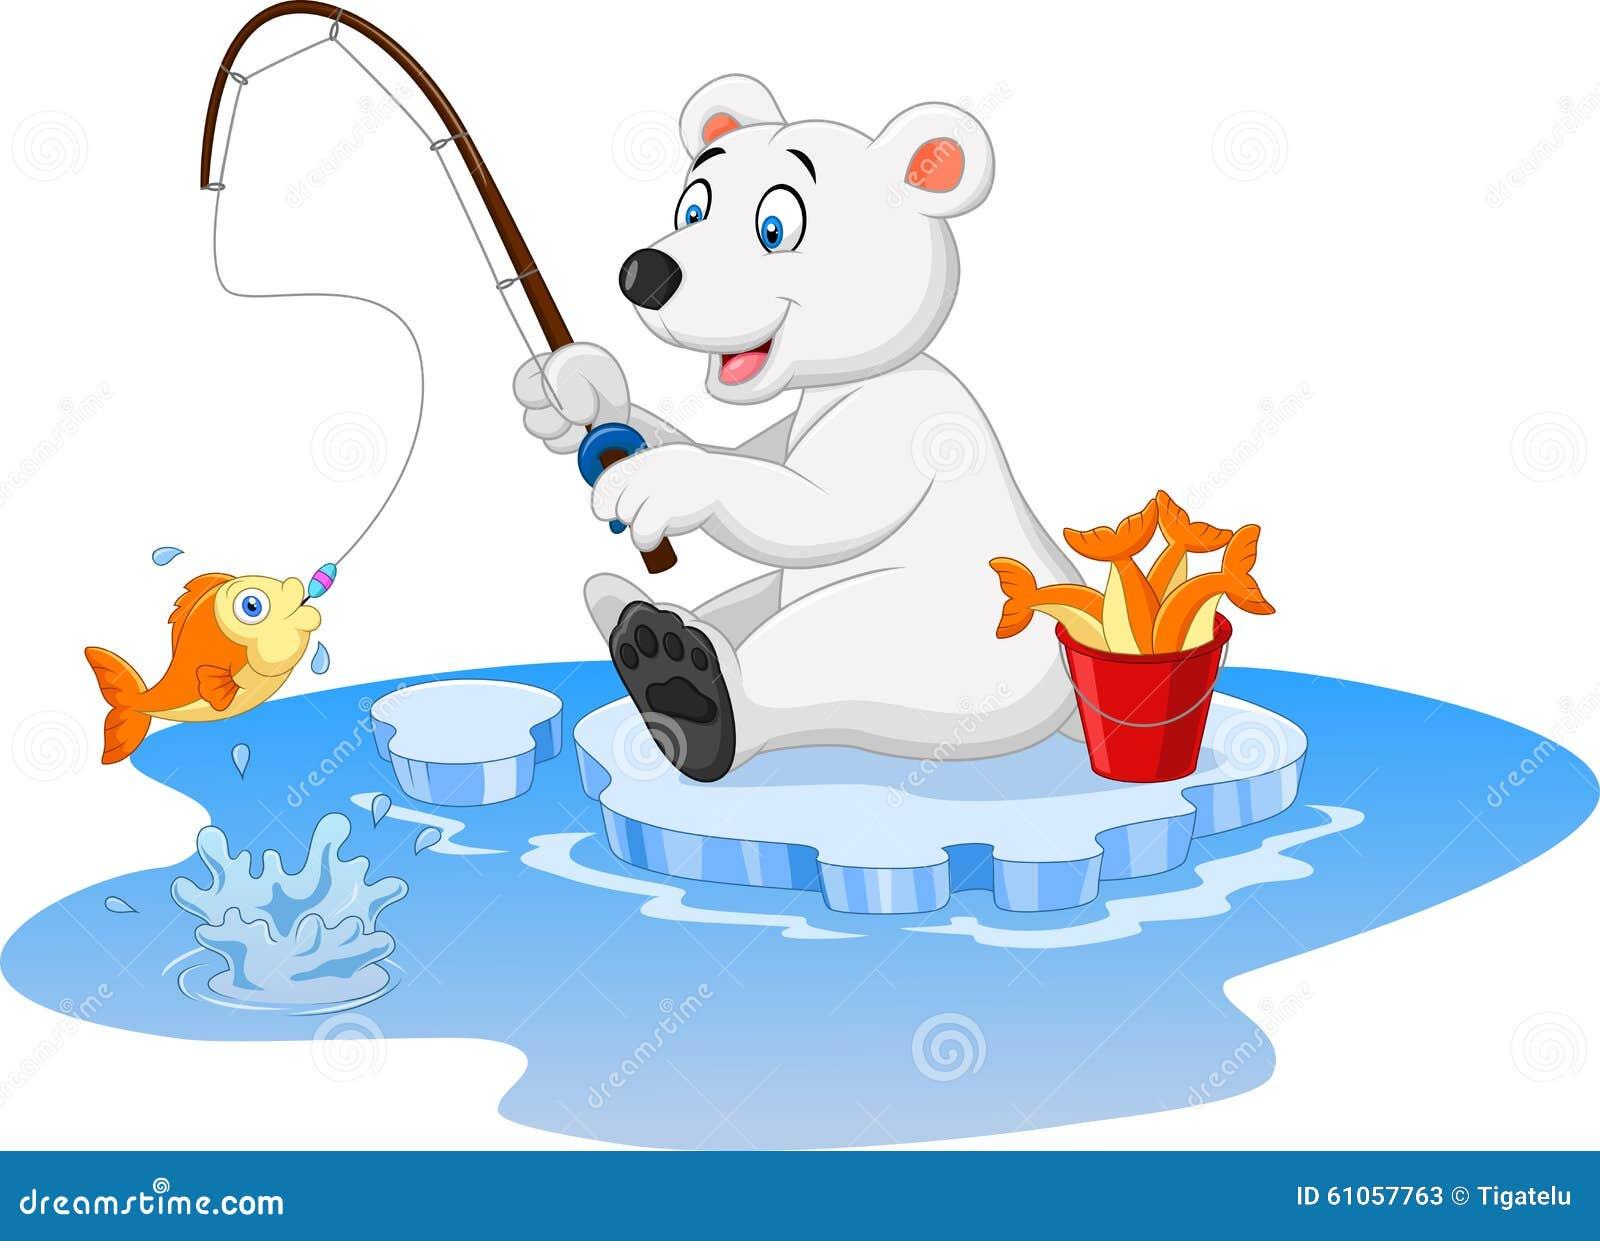 белый медведь рыболовная компания